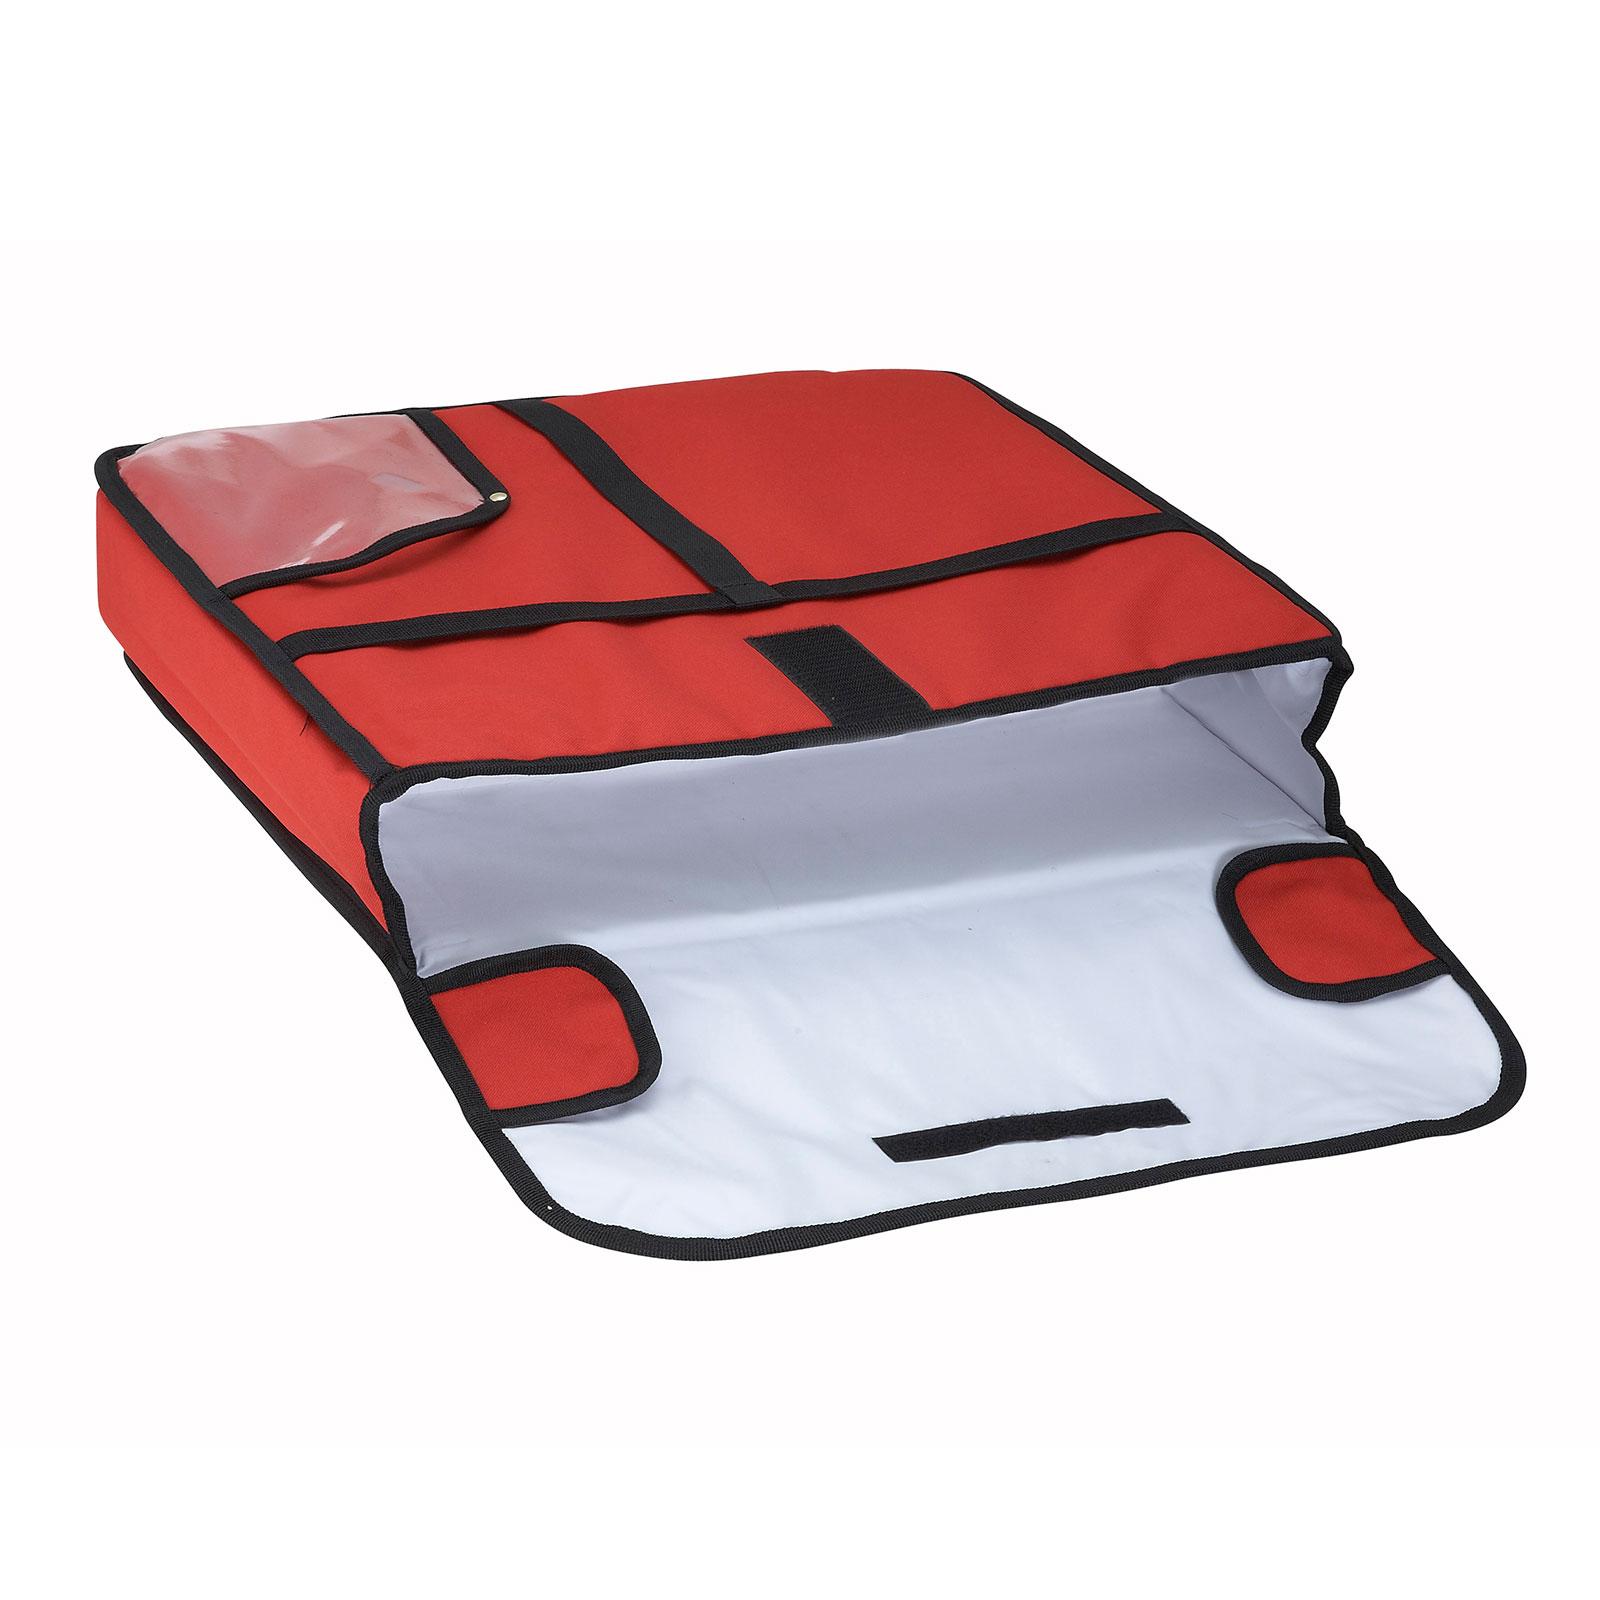 2100-10 Winco BGPZ-20 pizza delivery bag